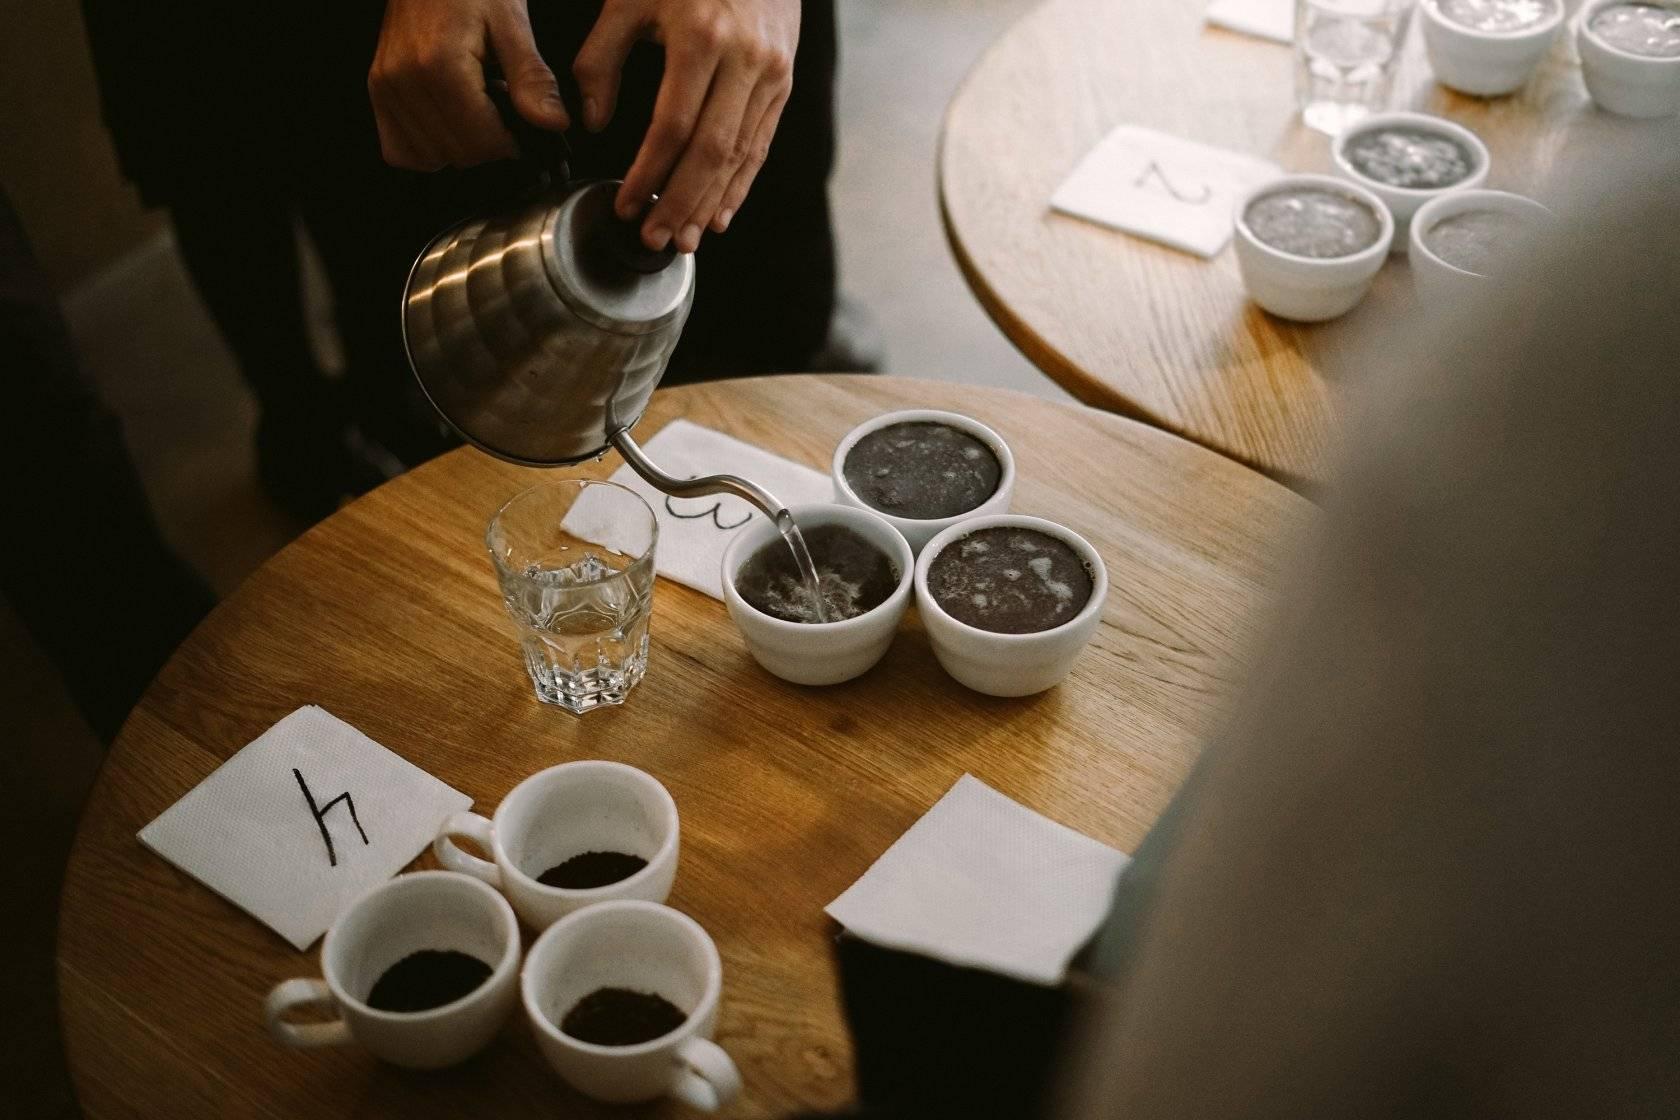 Как научиться разбираться в кофе не хуже бариста - лайфхакер